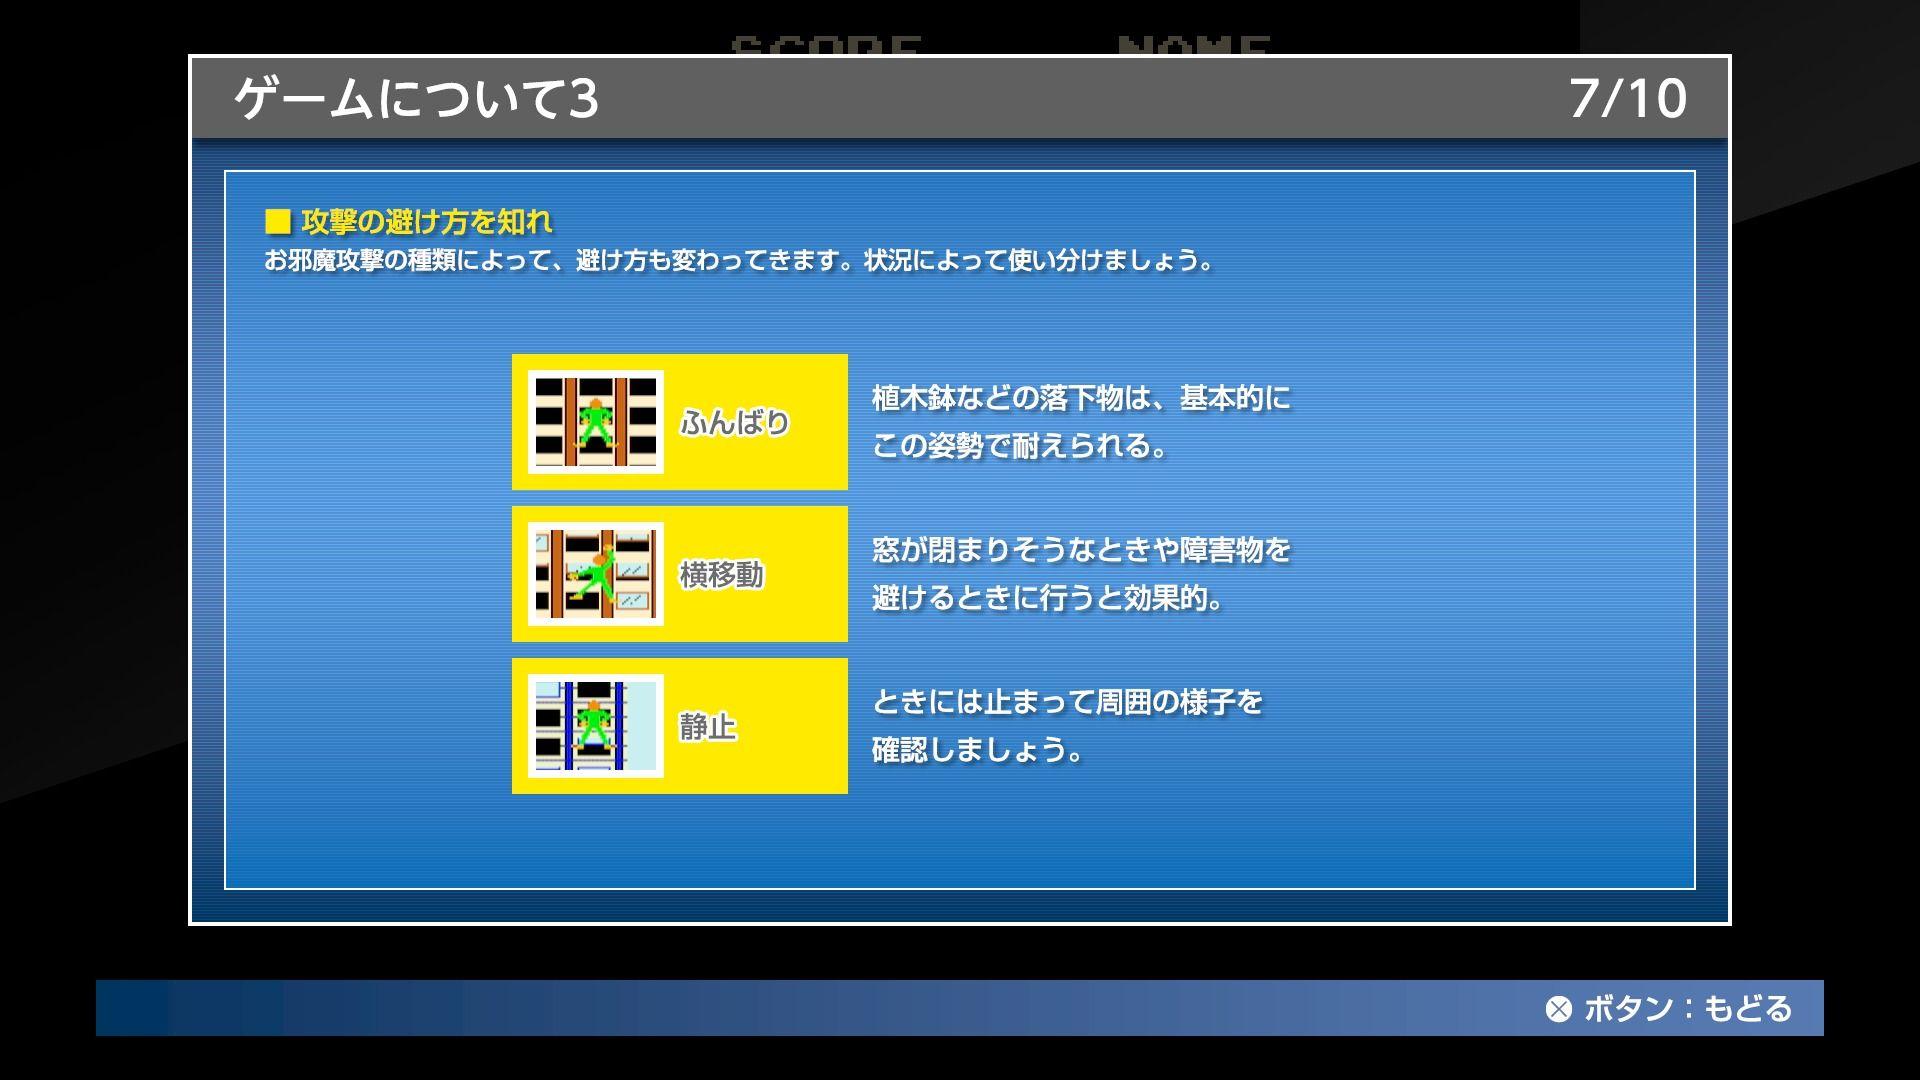 ps4 オンライン マニュアル